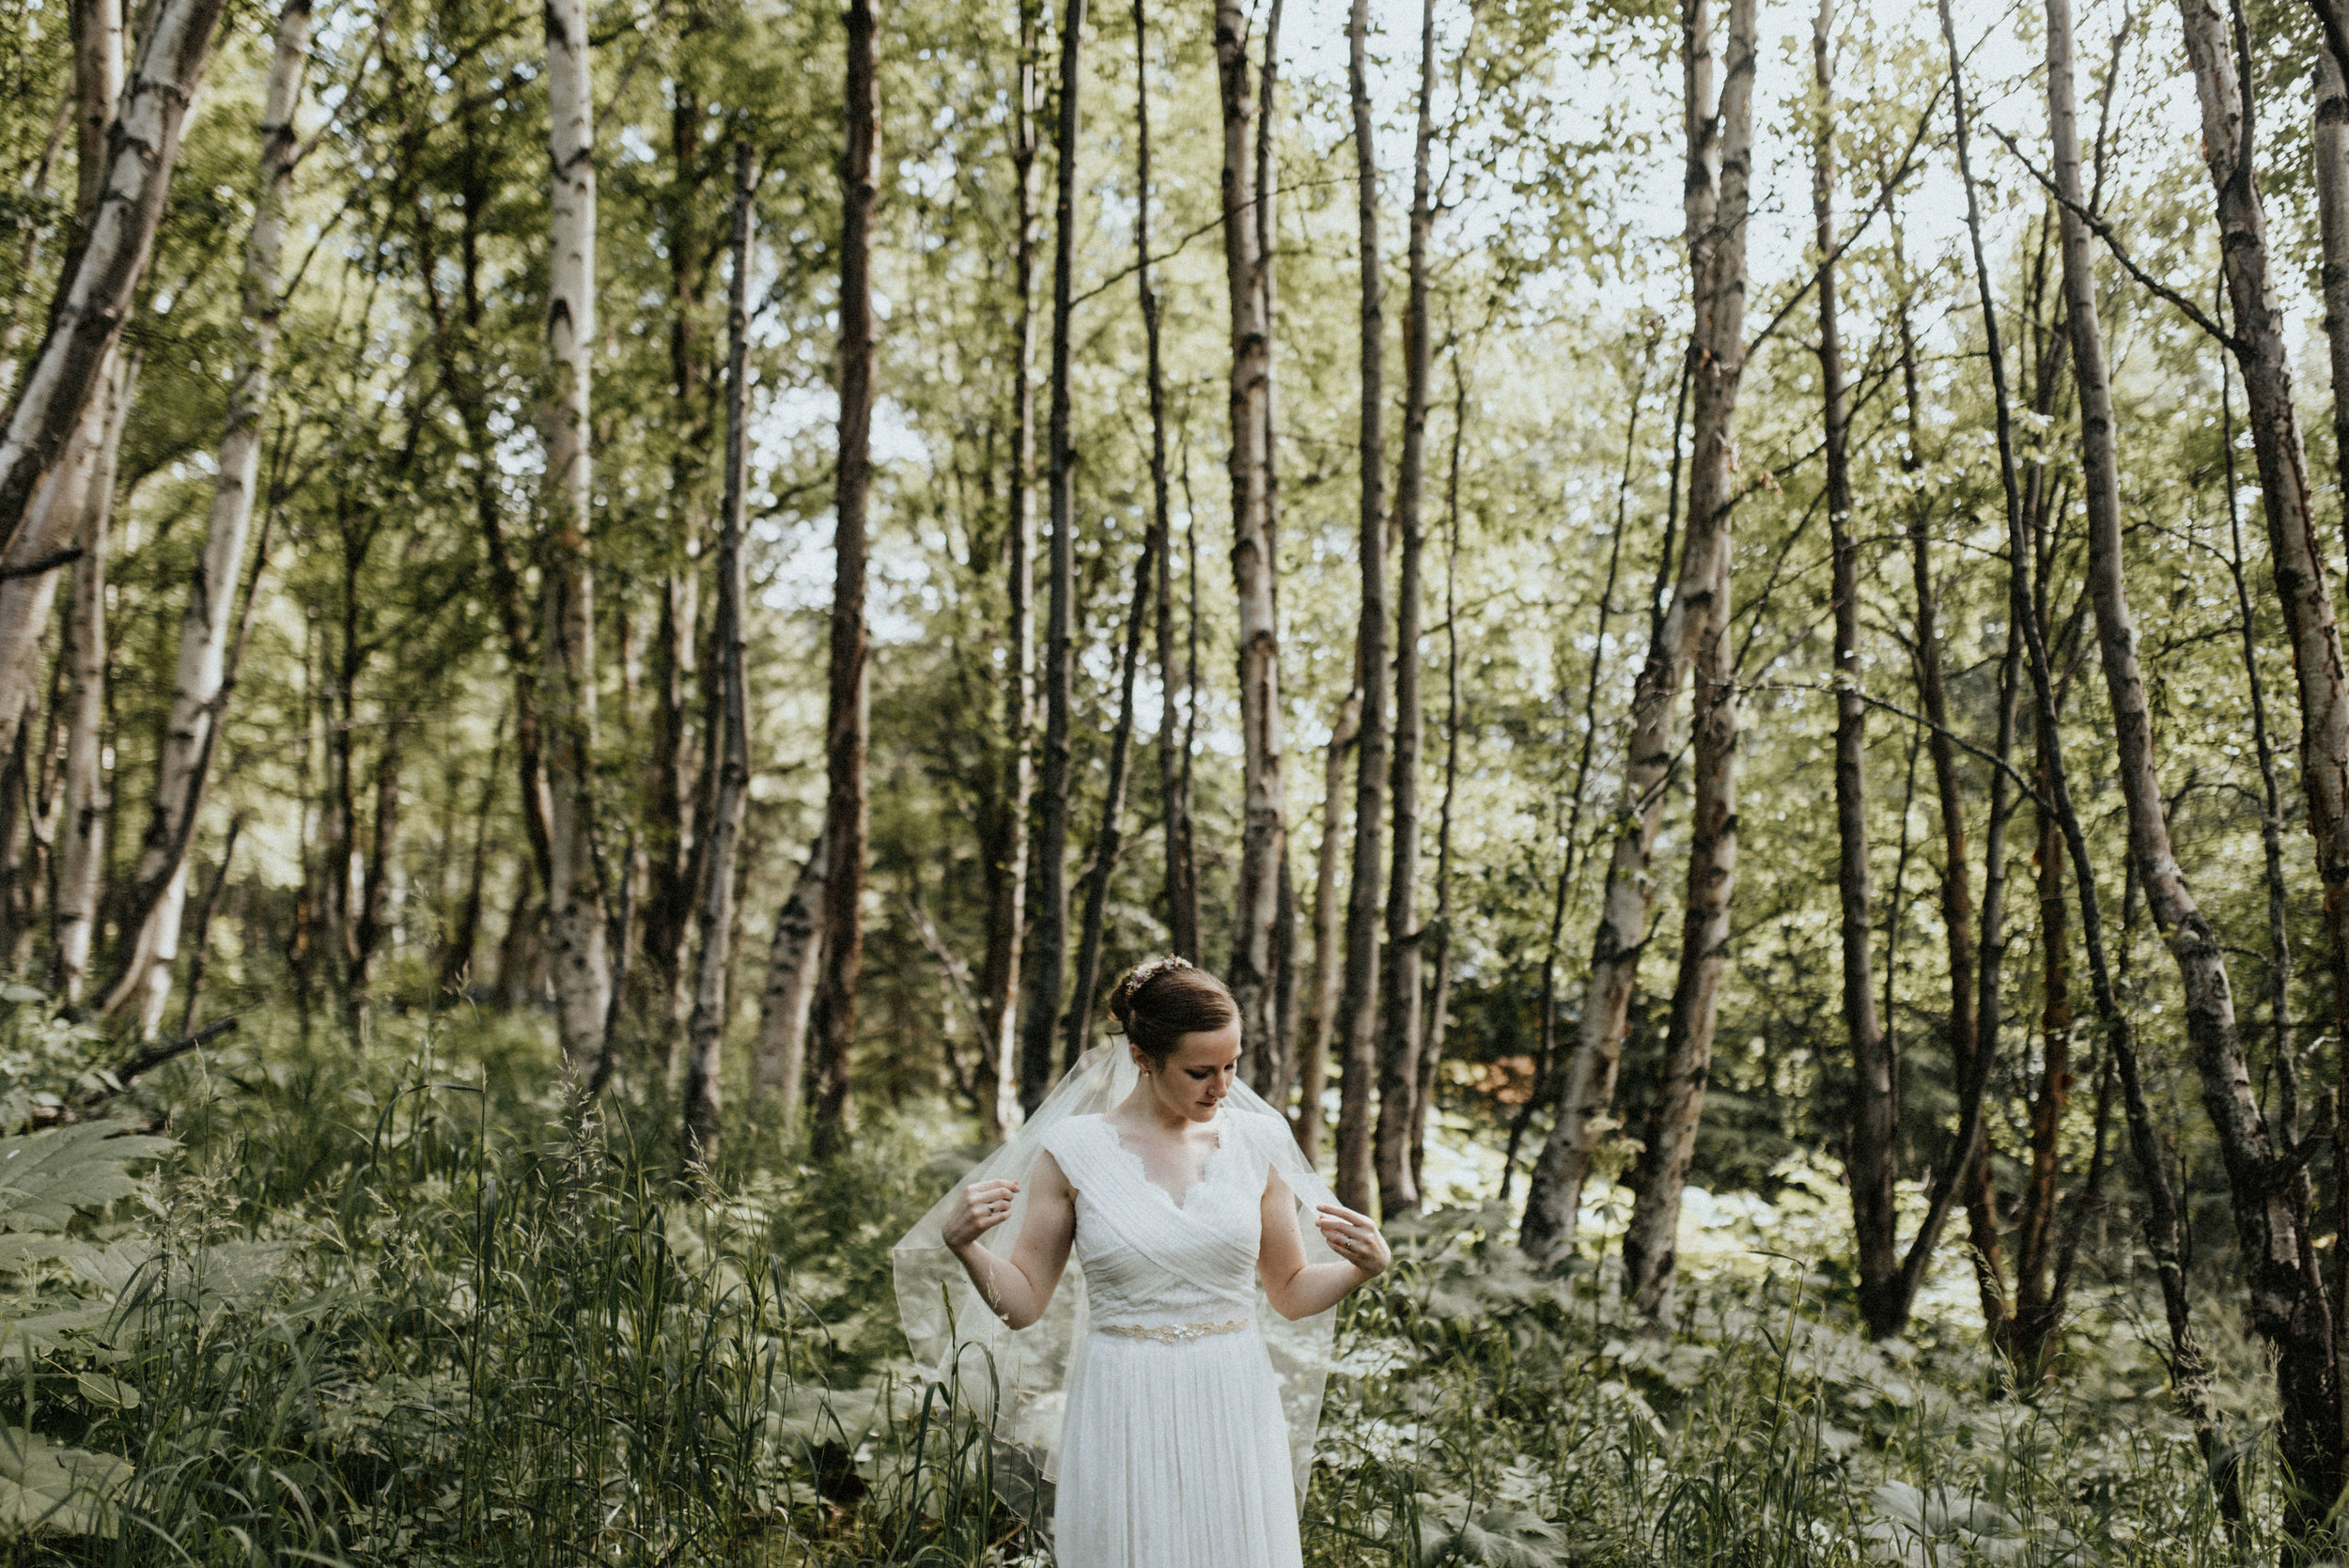 forest_kelinda-60.jpg